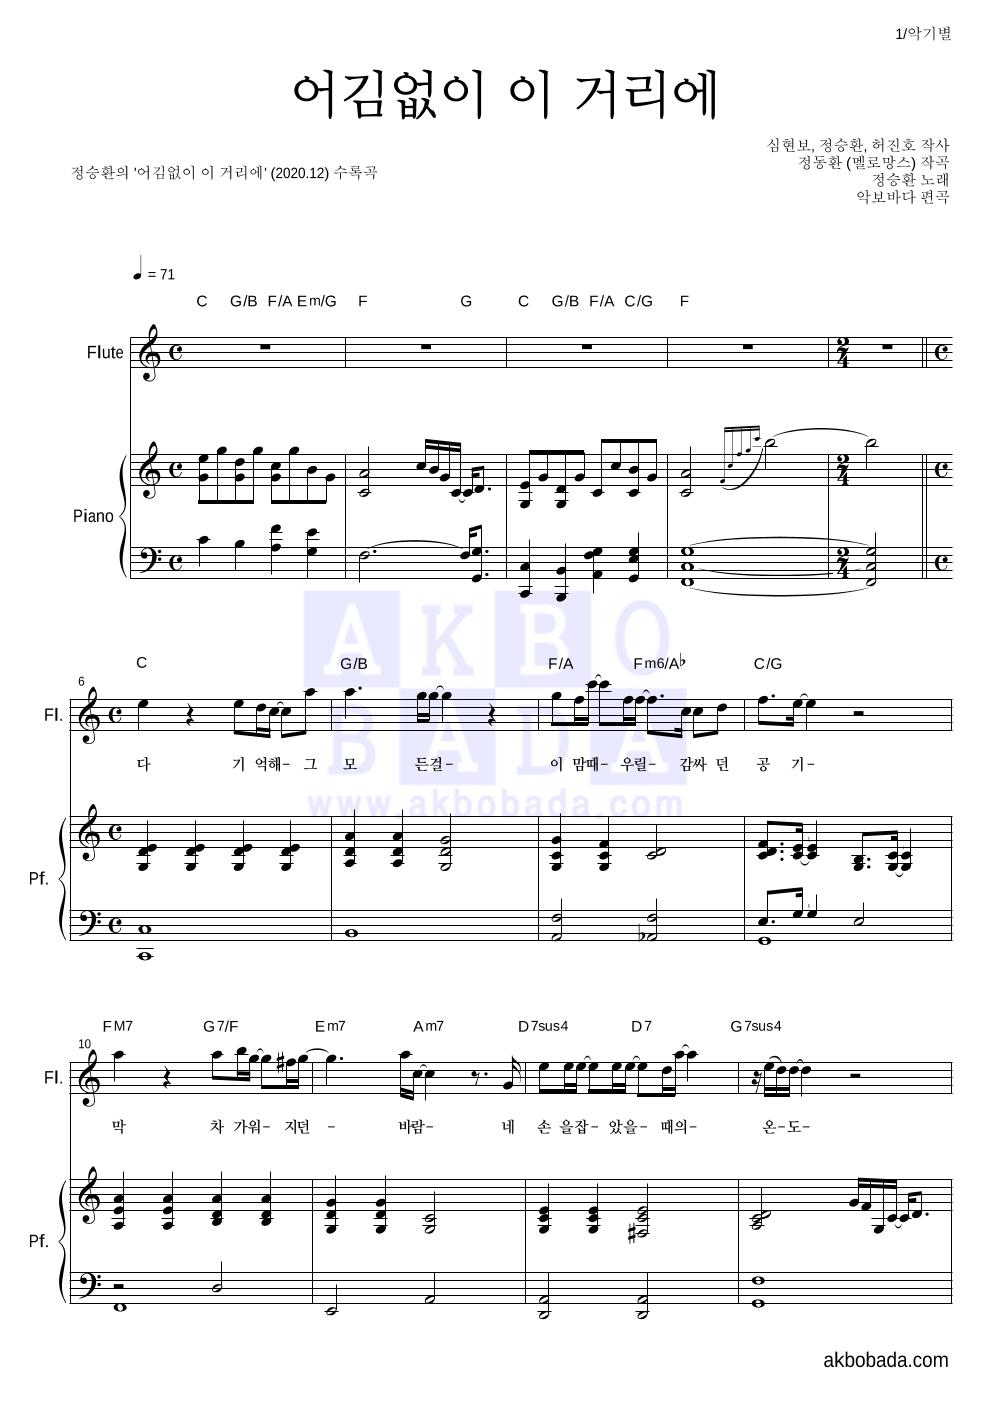 정승환 - 어김없이 이 거리에 플룻&피아노 악보